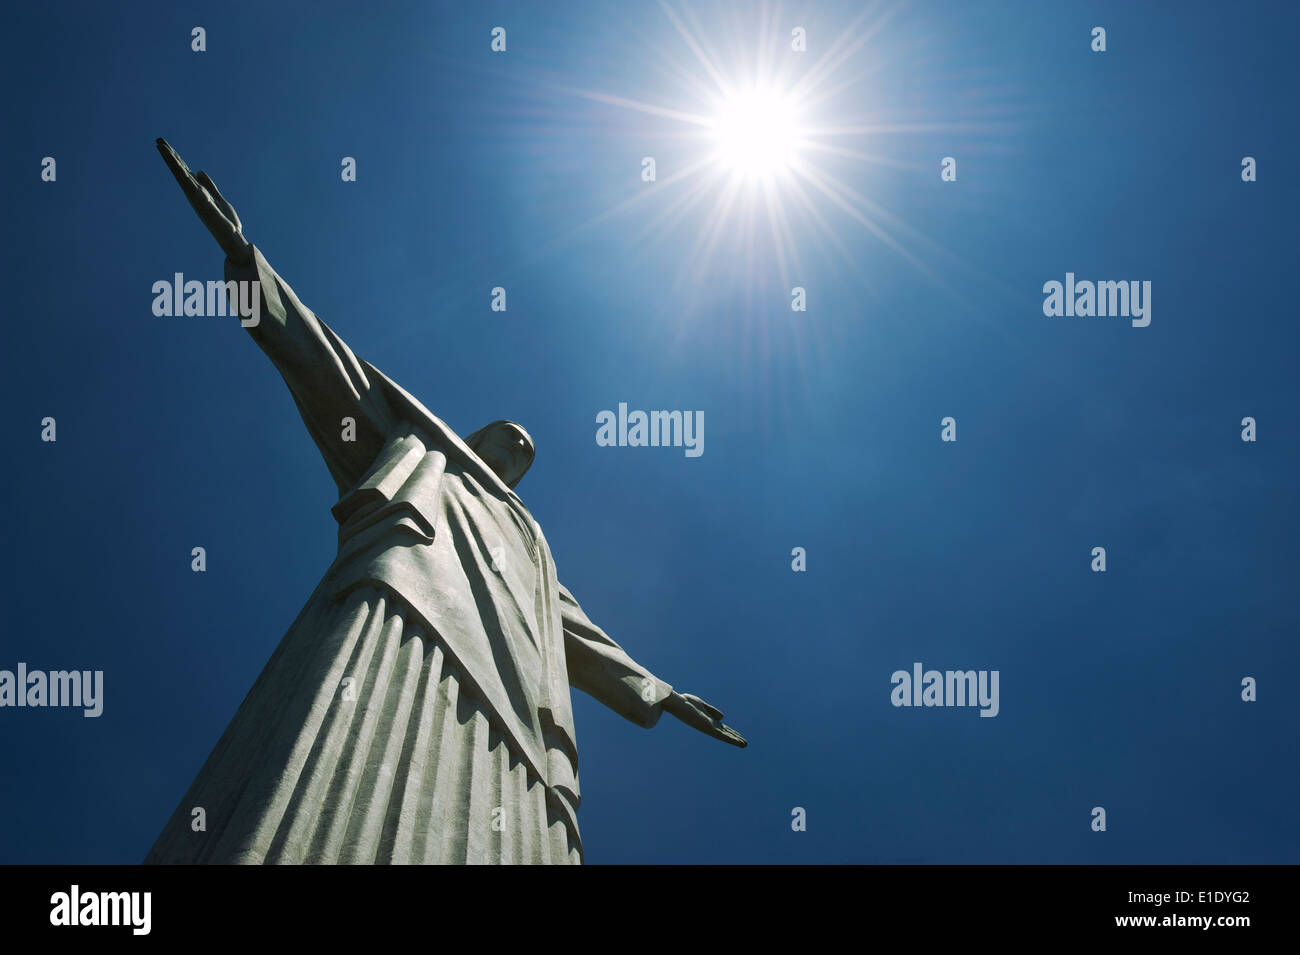 Río de Janeiro, Brasil - 20 de octubre de 2013: Cerca de la estatua del Cristo Redentor en la montaña de Corcovado bajo el sol. Foto de stock